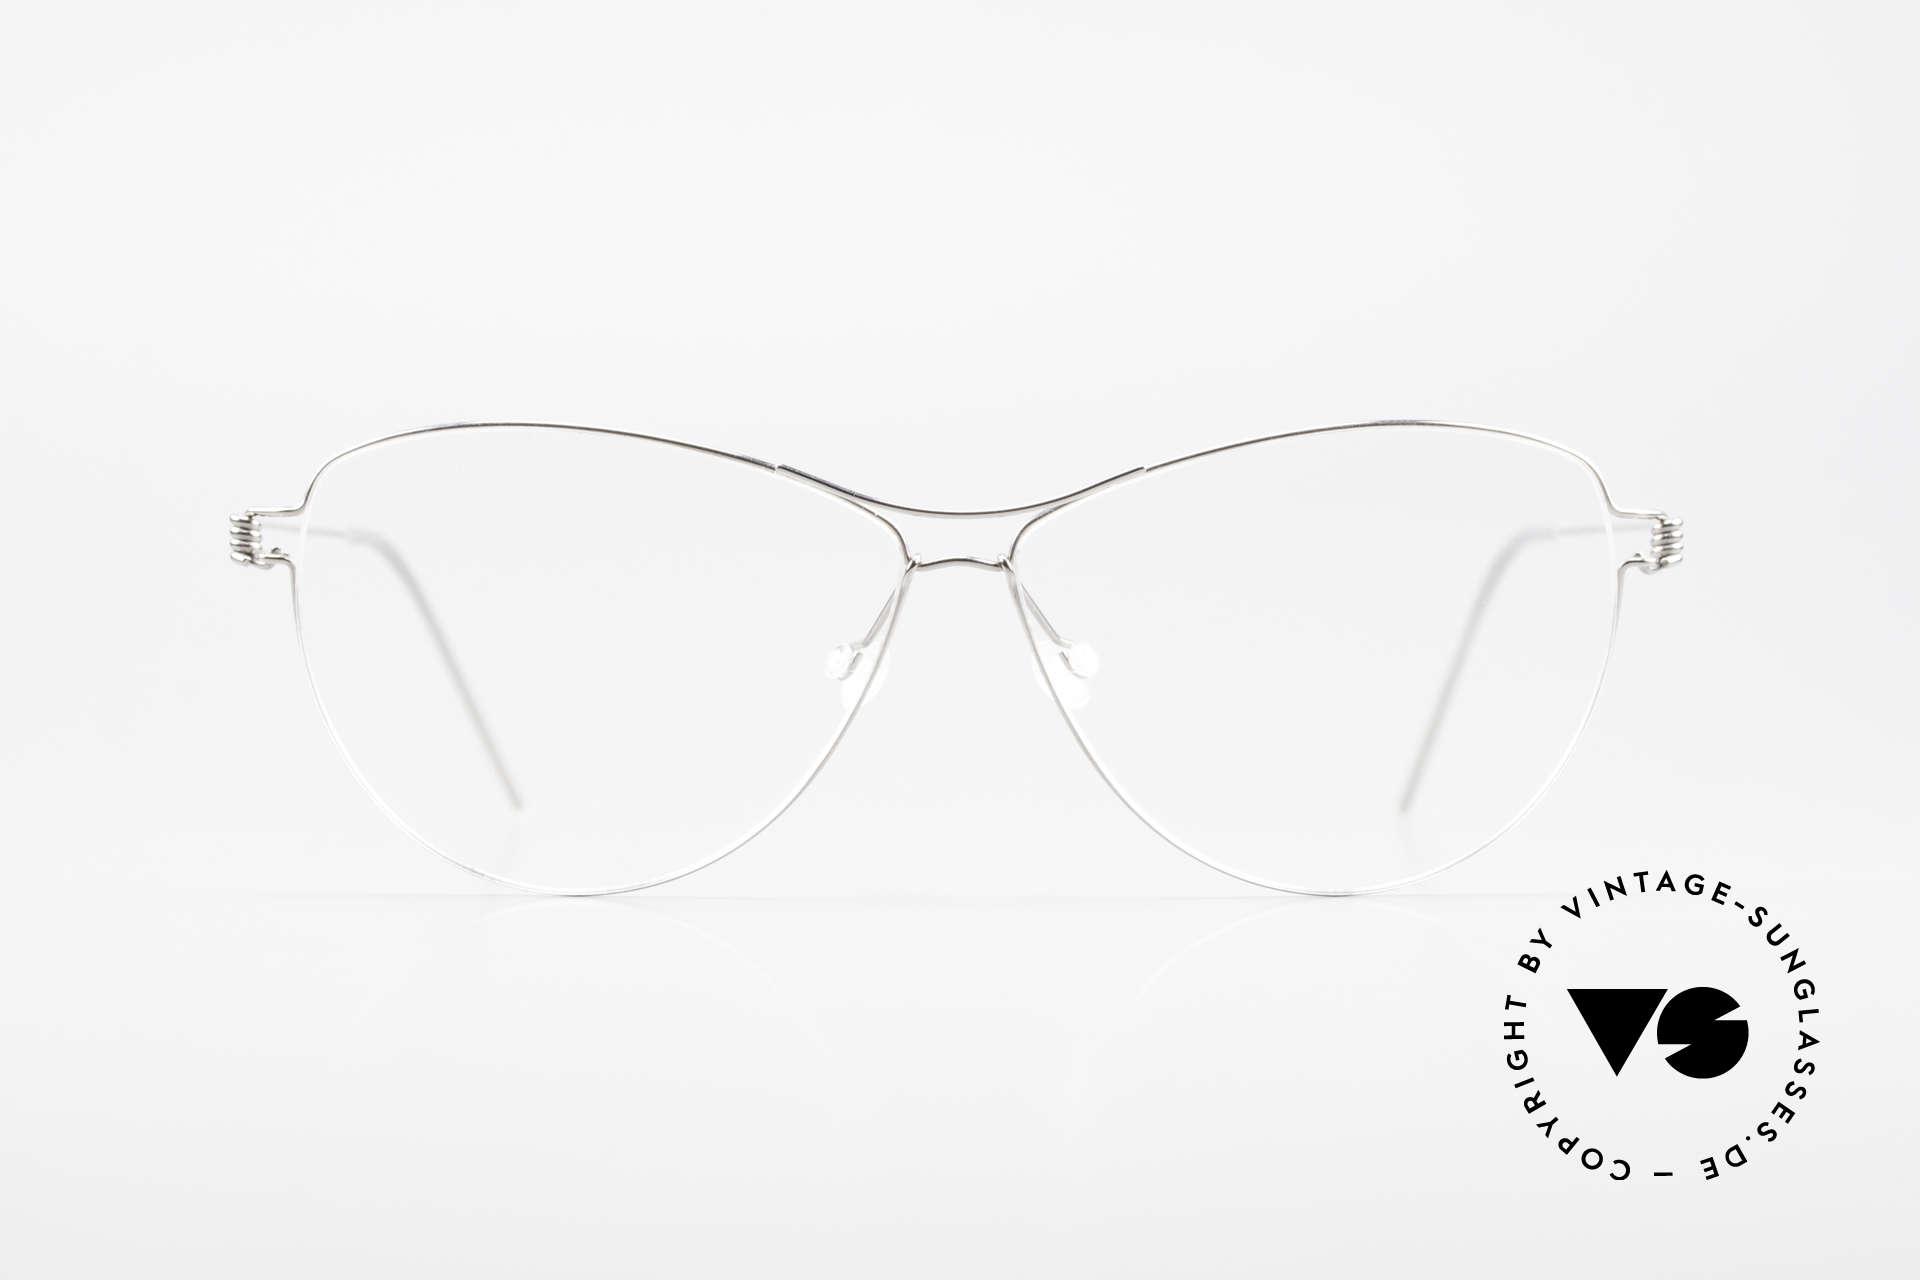 Lindberg Ditte Air Titan Rim Titanium Brille Damen Aviator, vielfach ausgezeichnet hinsichtlich Qualität und Design, Passend für Damen